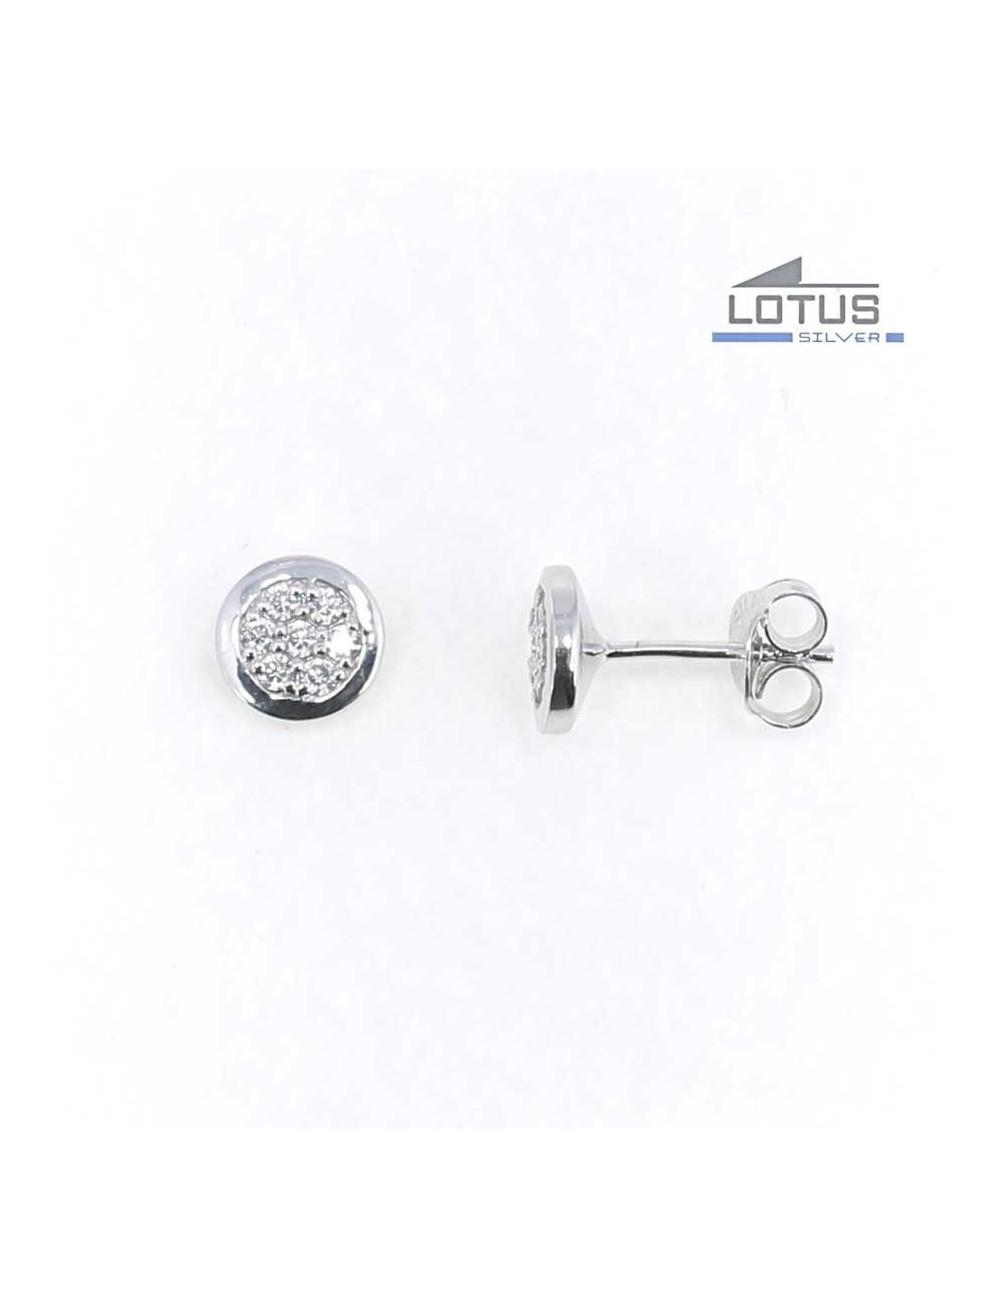 Pendientes Lotus Silver redondos circonitas LP1712-4-1